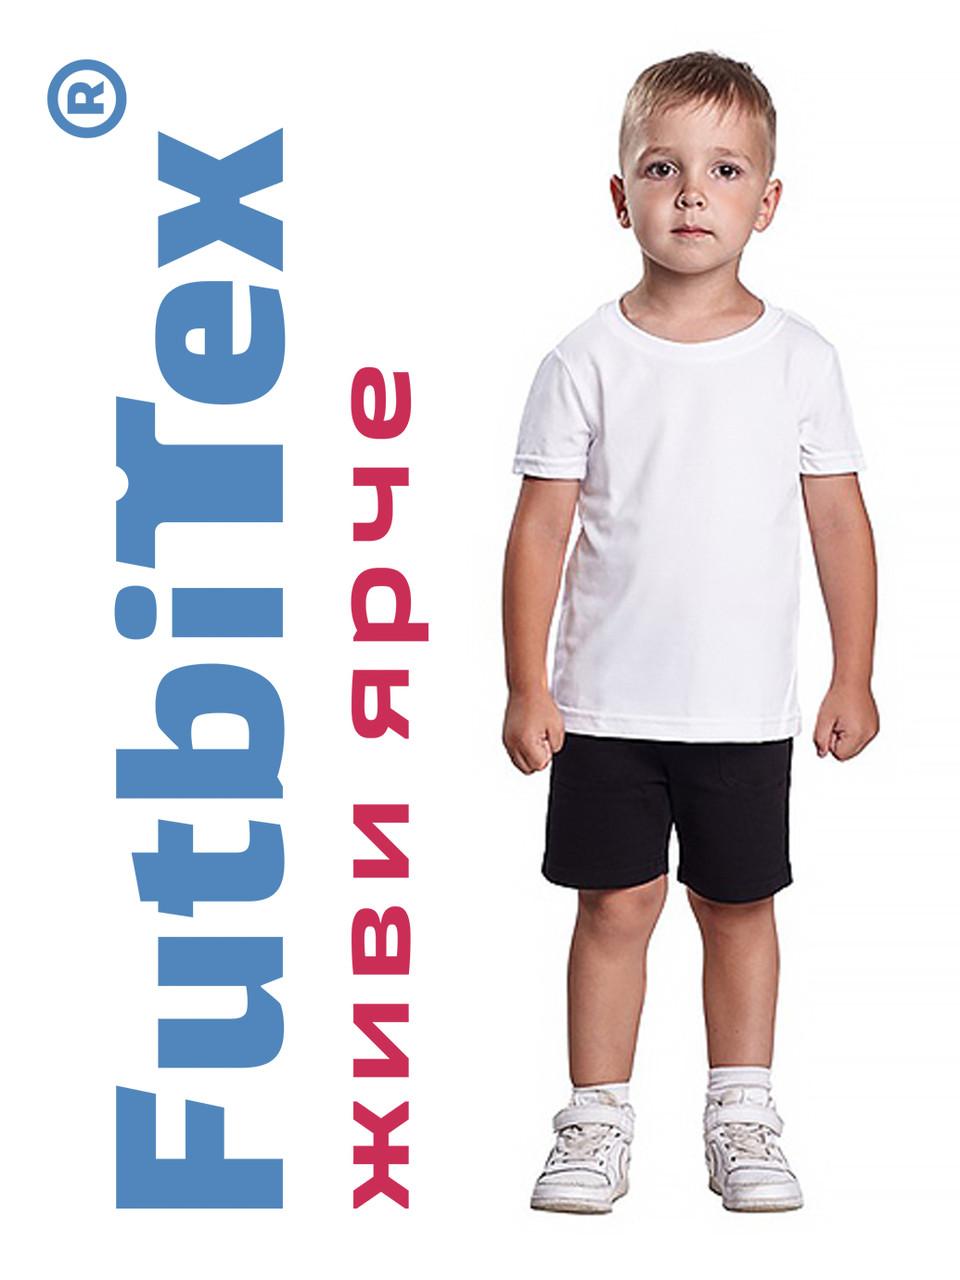 Футболка Futbitex Evolution под нанесение изображения (сублимация) 26